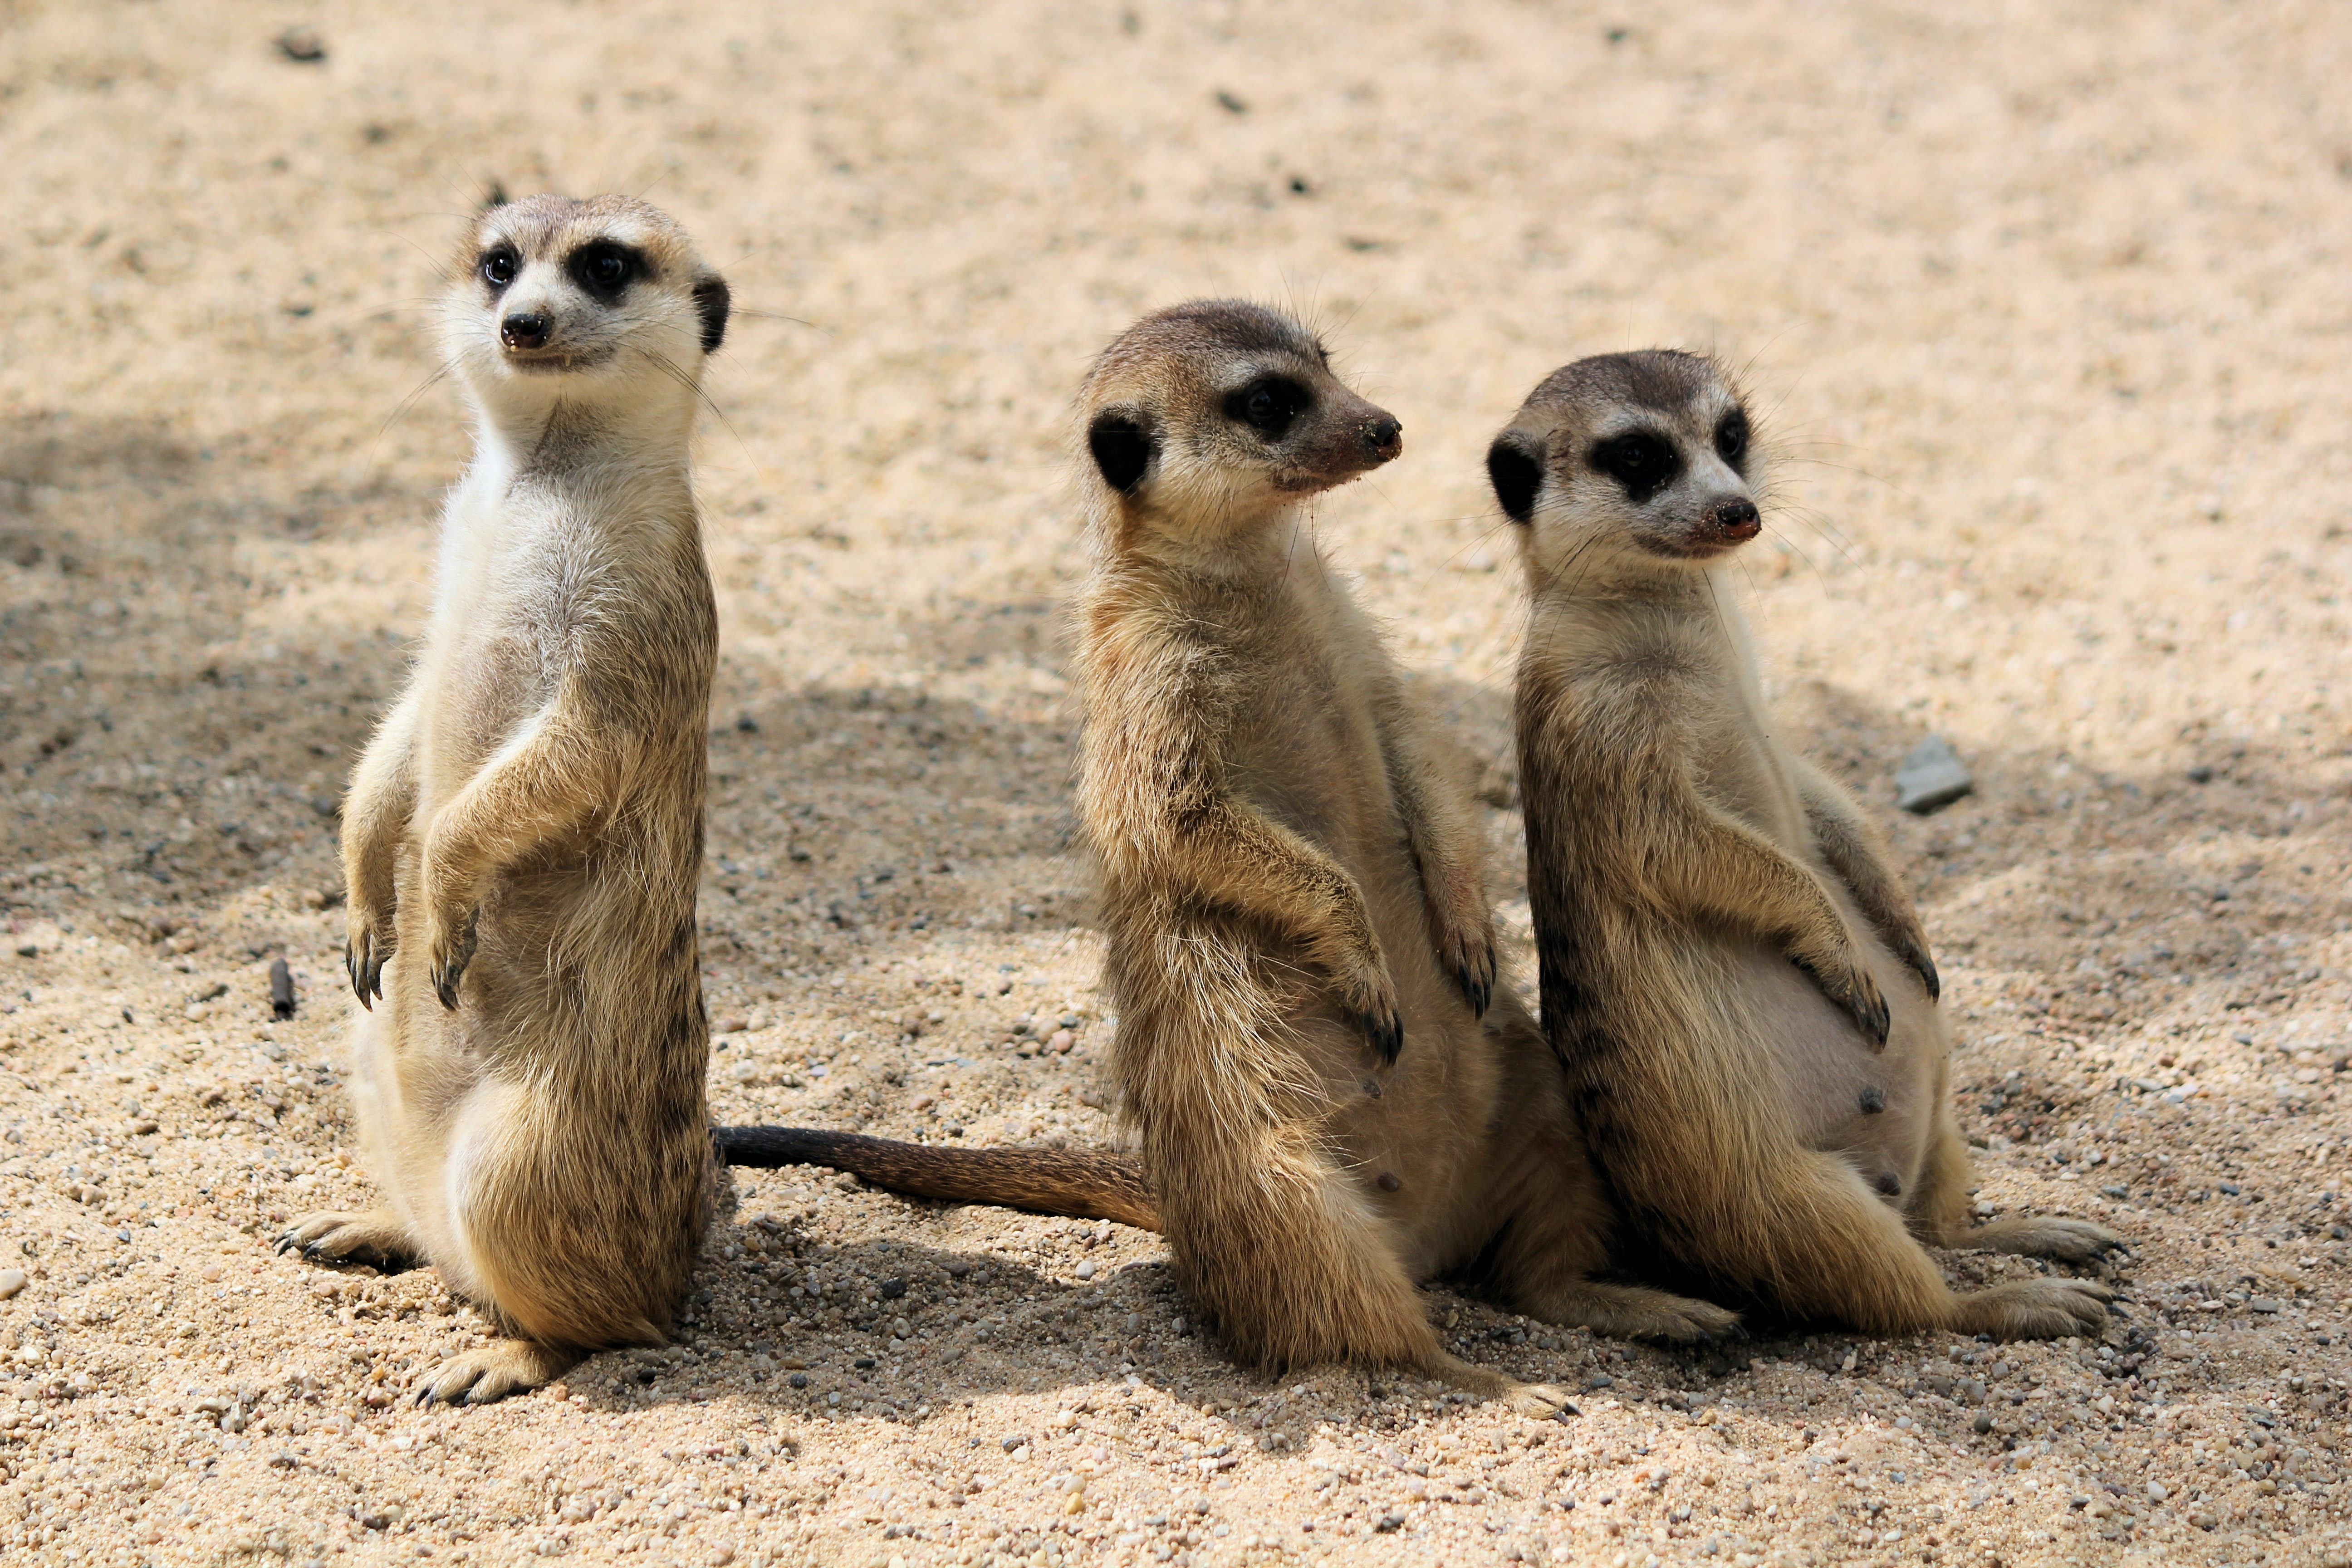 picture of three meerkats